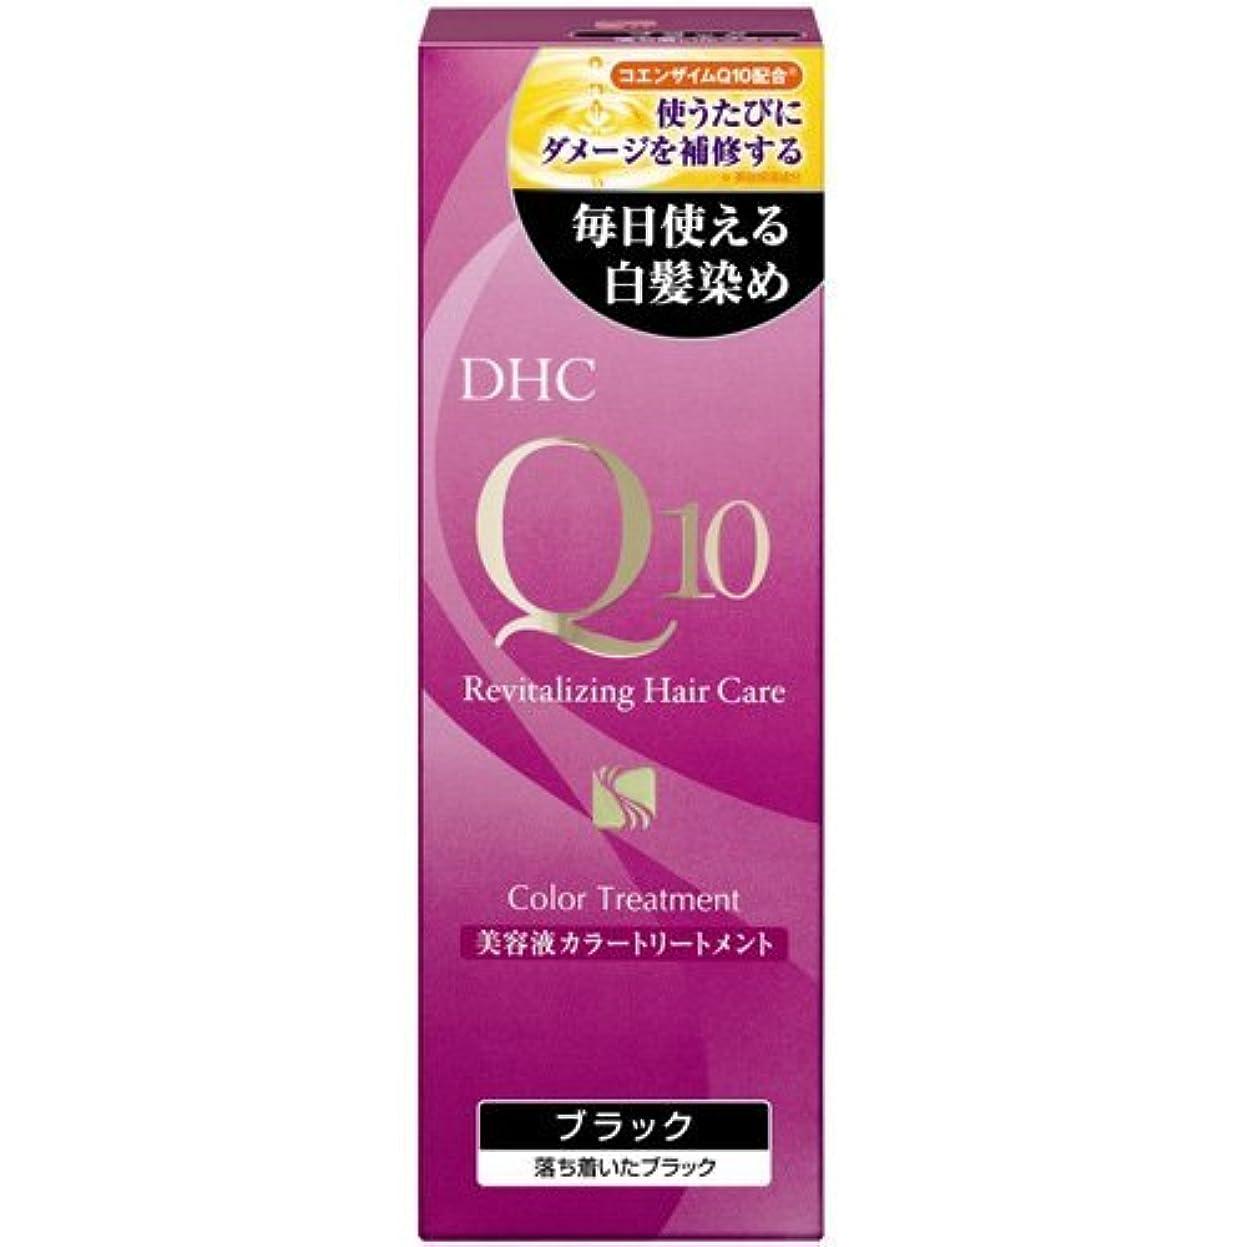 ストレンジャー曇った欠点【まとめ買い】DHC Q10美溶液カラートリートメントブラックSS170g ×7個